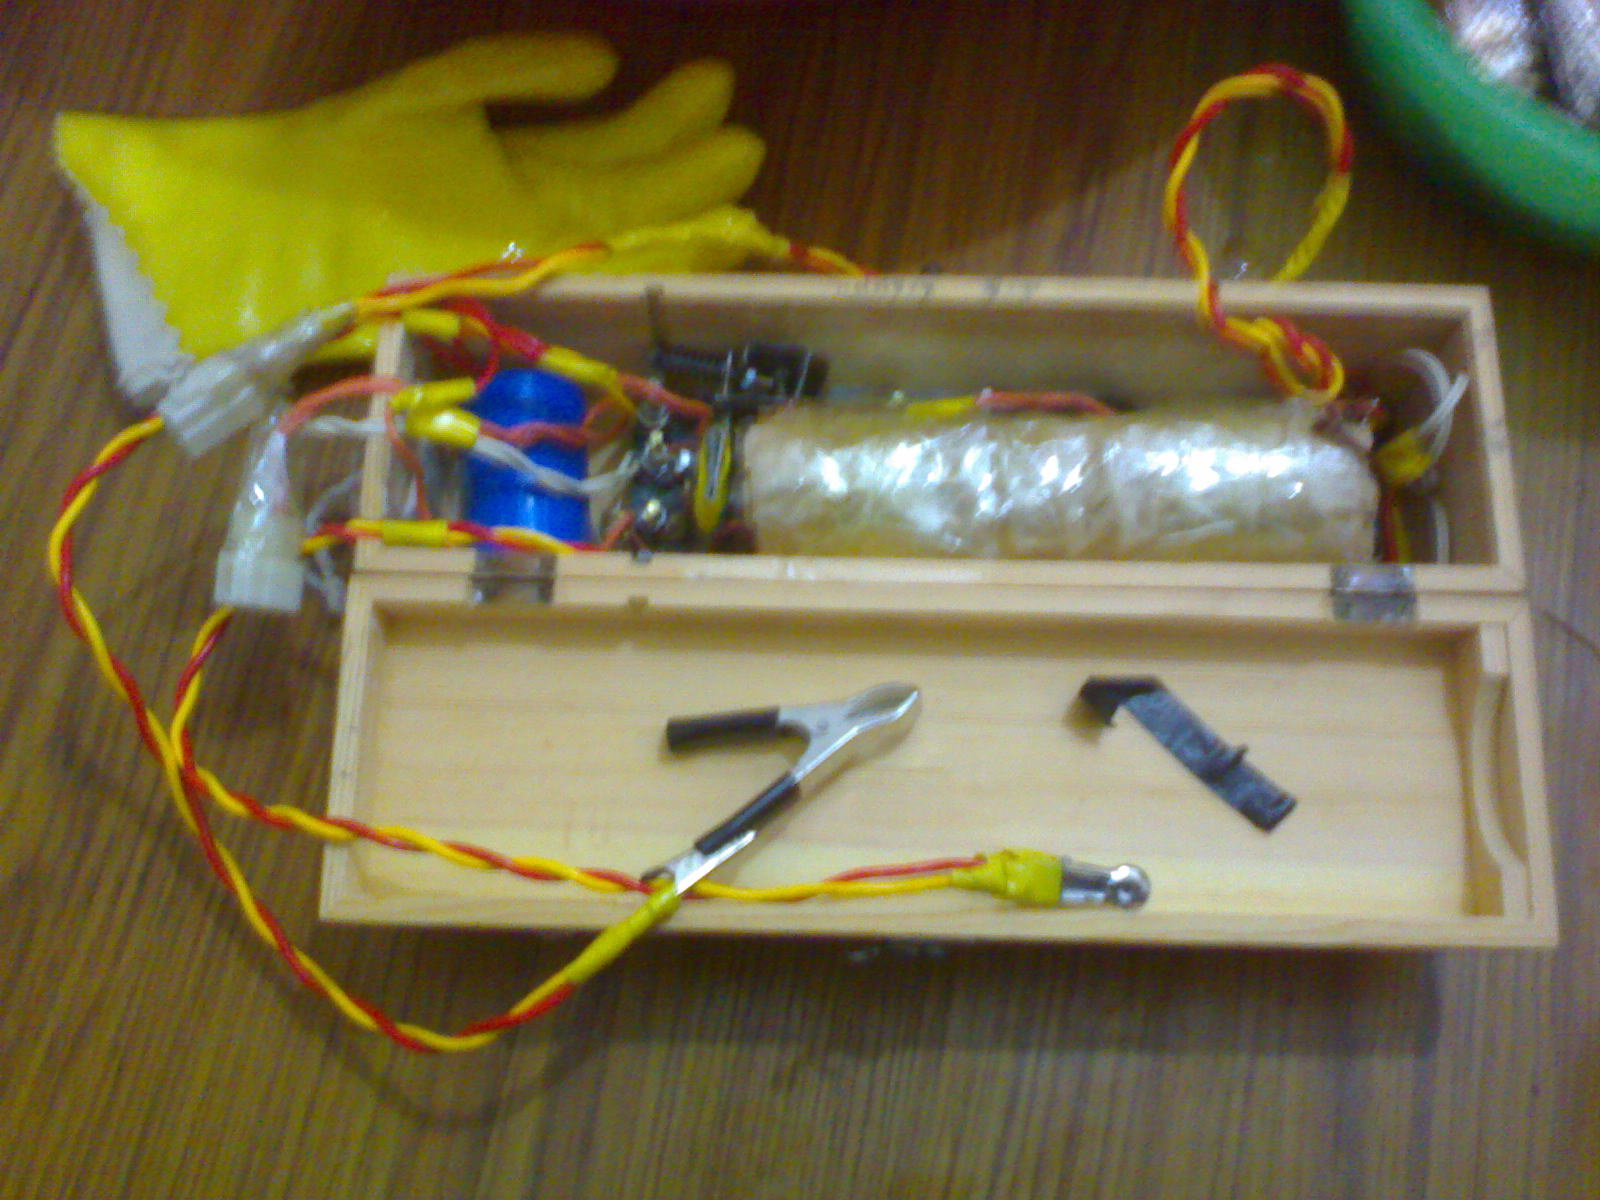 新型电子吸式鱼电鱼机电路_白金机械电鱼图纸_白金机械电鱼图纸图片分享